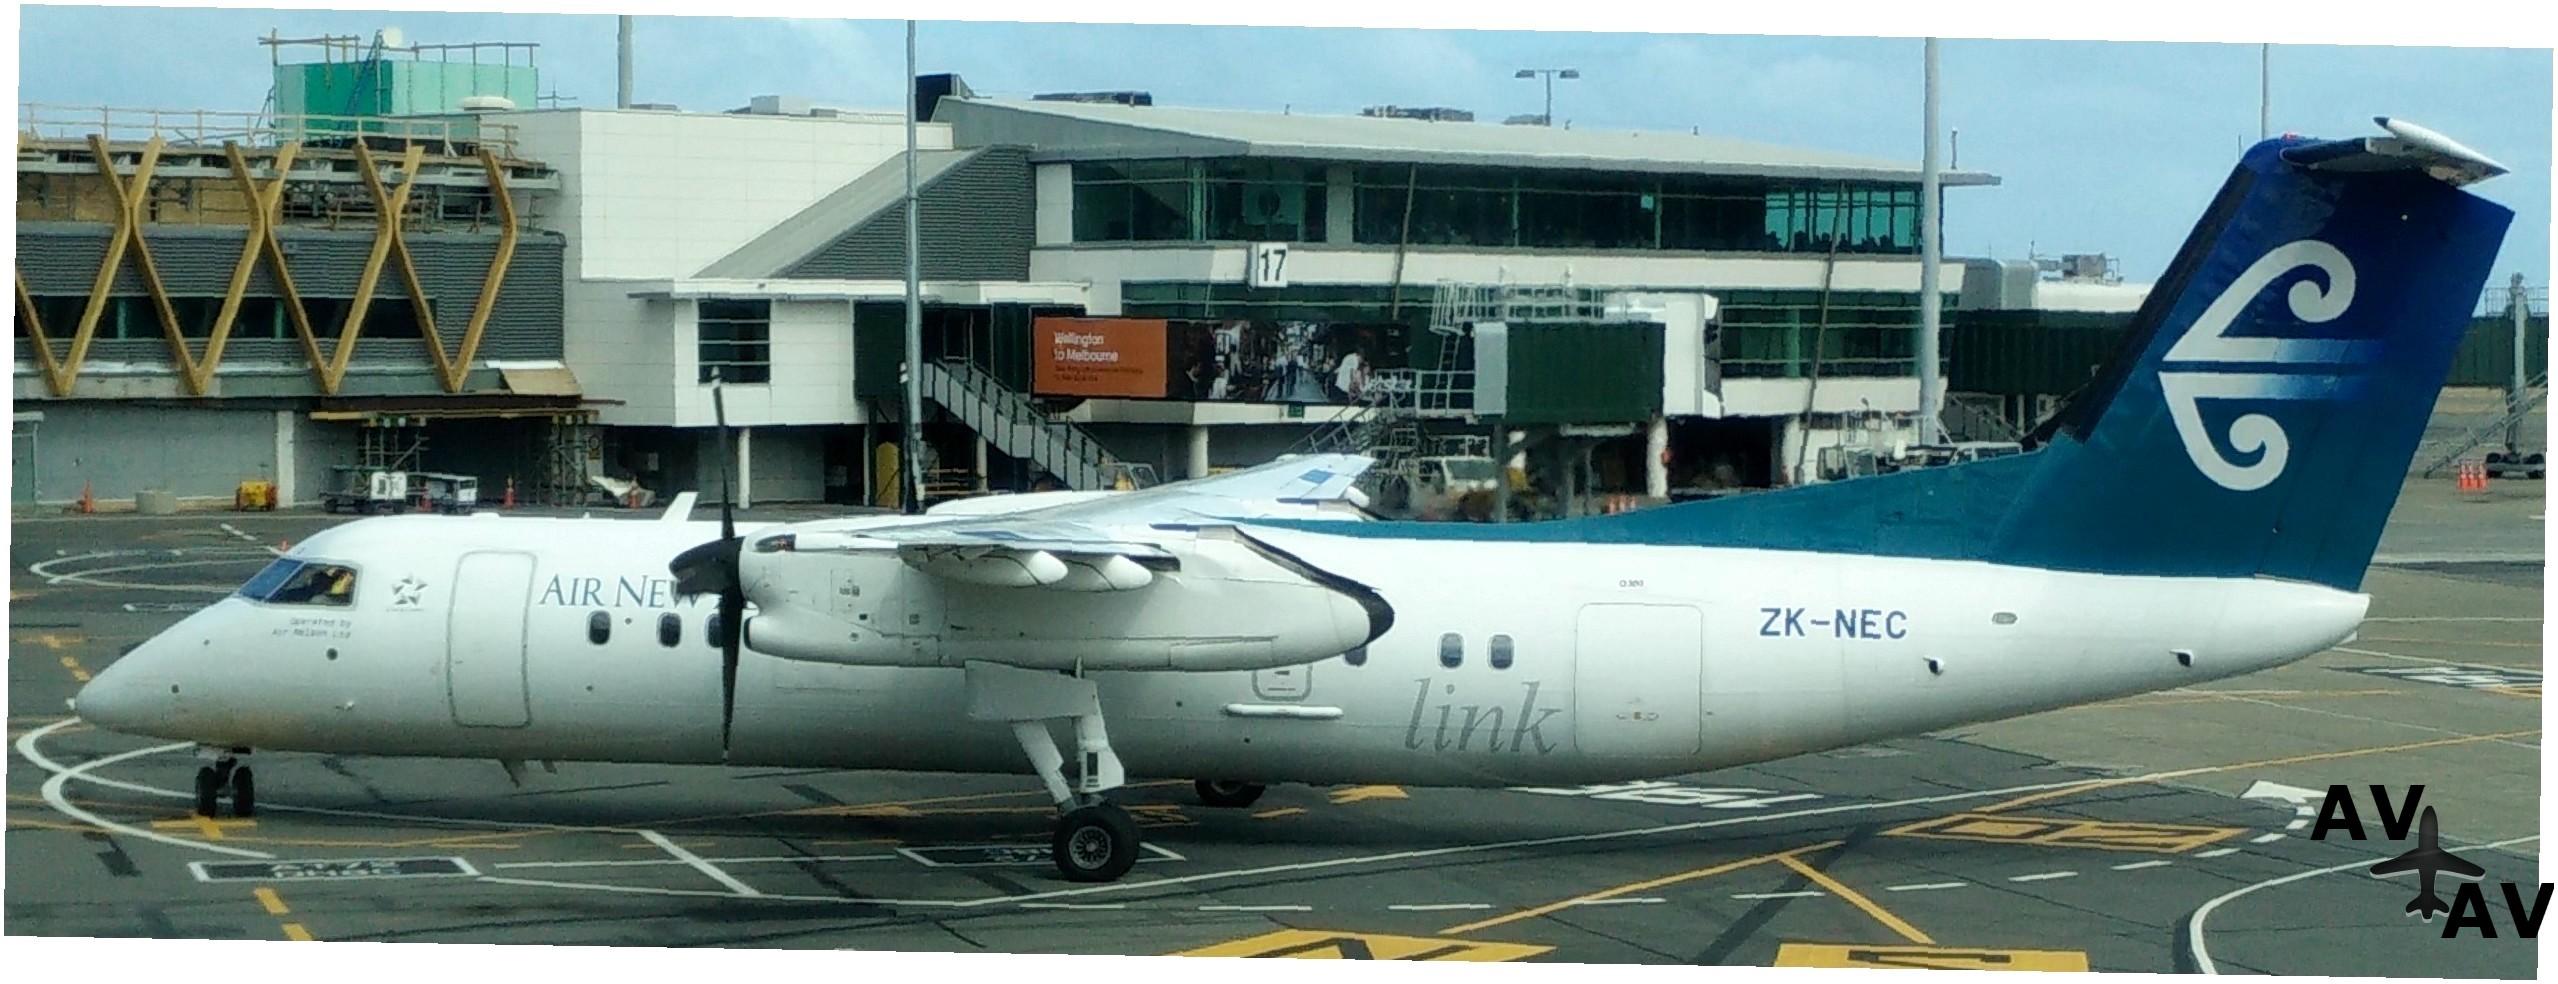 Аэропорт Санта-Круз Айлэндс (Santa Cruz Is) коды IATA: SCZ ICAO: AGGL город: Санта-Круз Айлэндс (Santa Cruz Is) страна: Соломоновы острова (Solomon Islands)